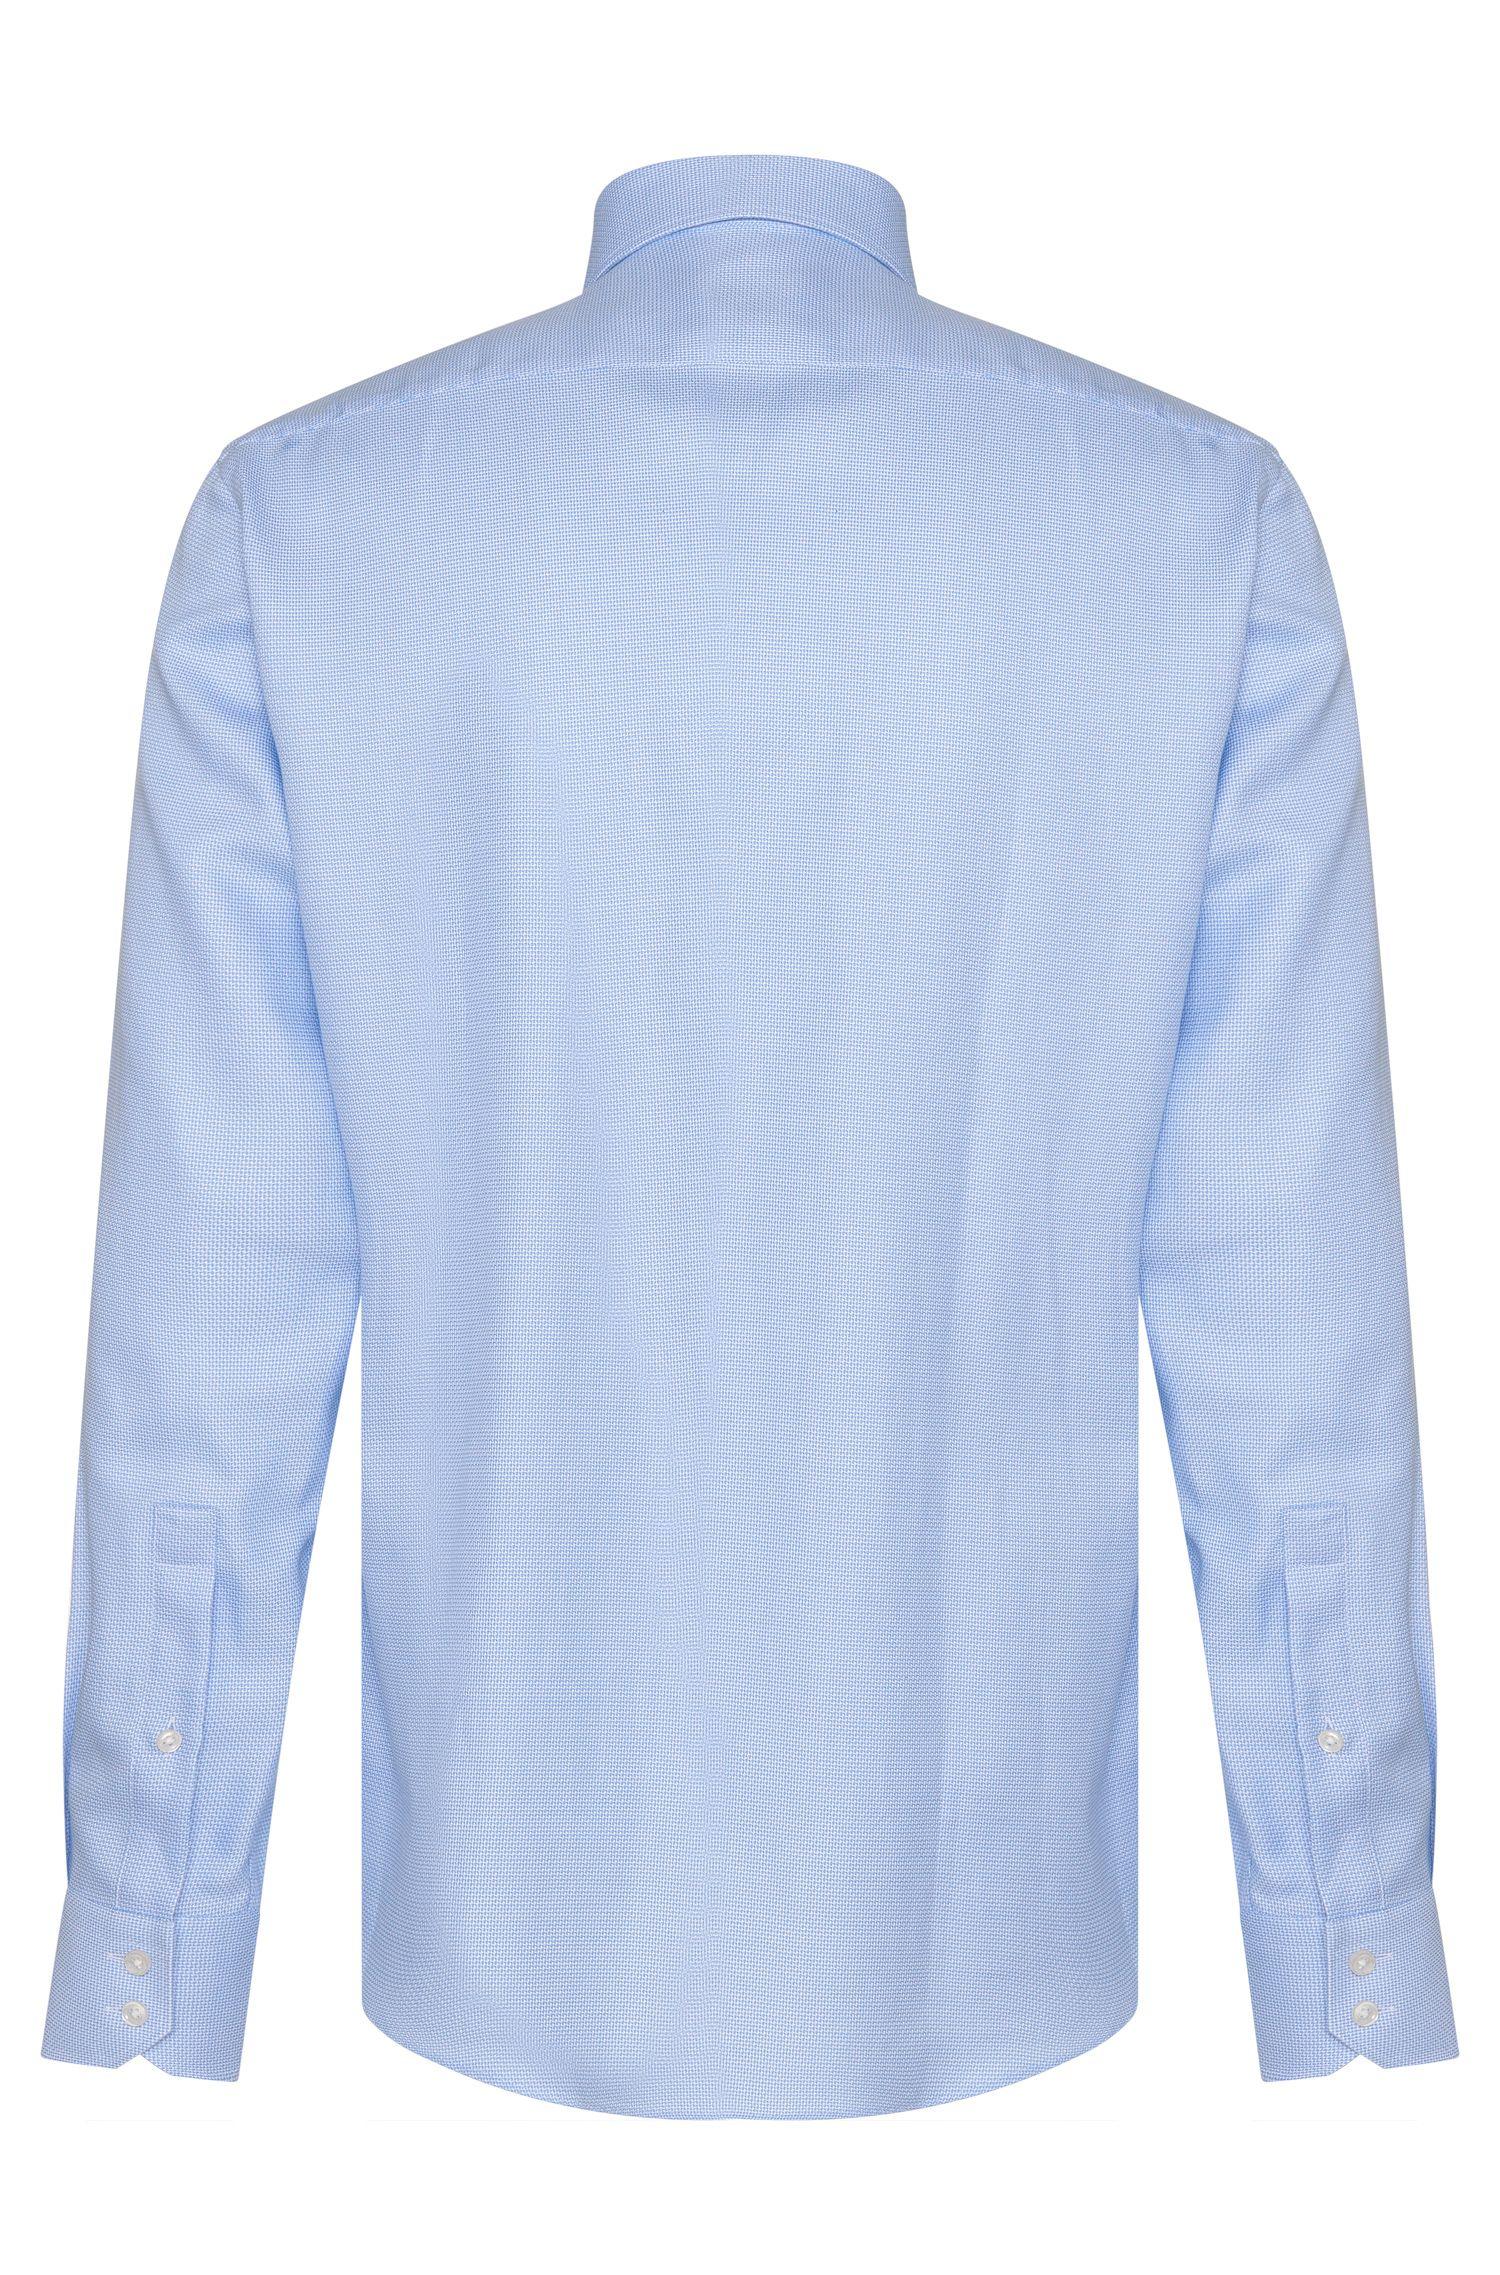 Regular-Fit Hemd aus Baumwolle mit Allover-Muster: 'C-Enzo'